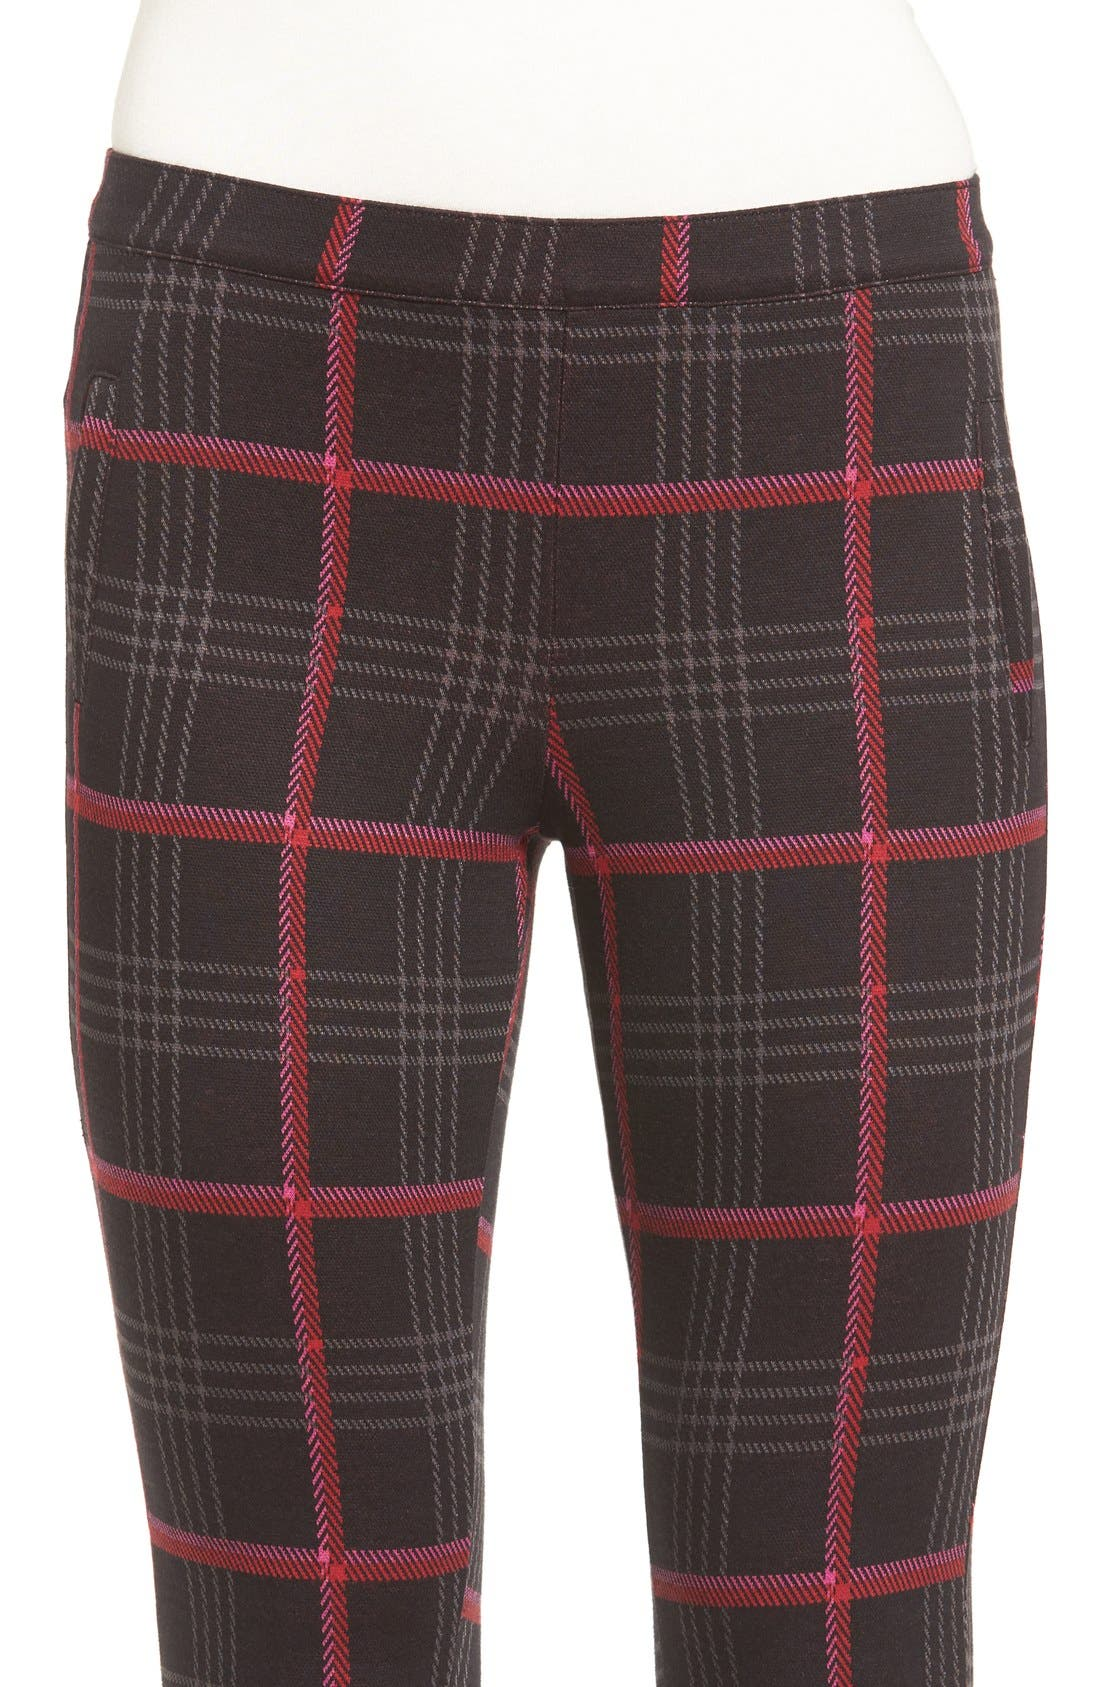 'Glen Plaid' Trouser Leggings,                             Alternate thumbnail 5, color,                             001